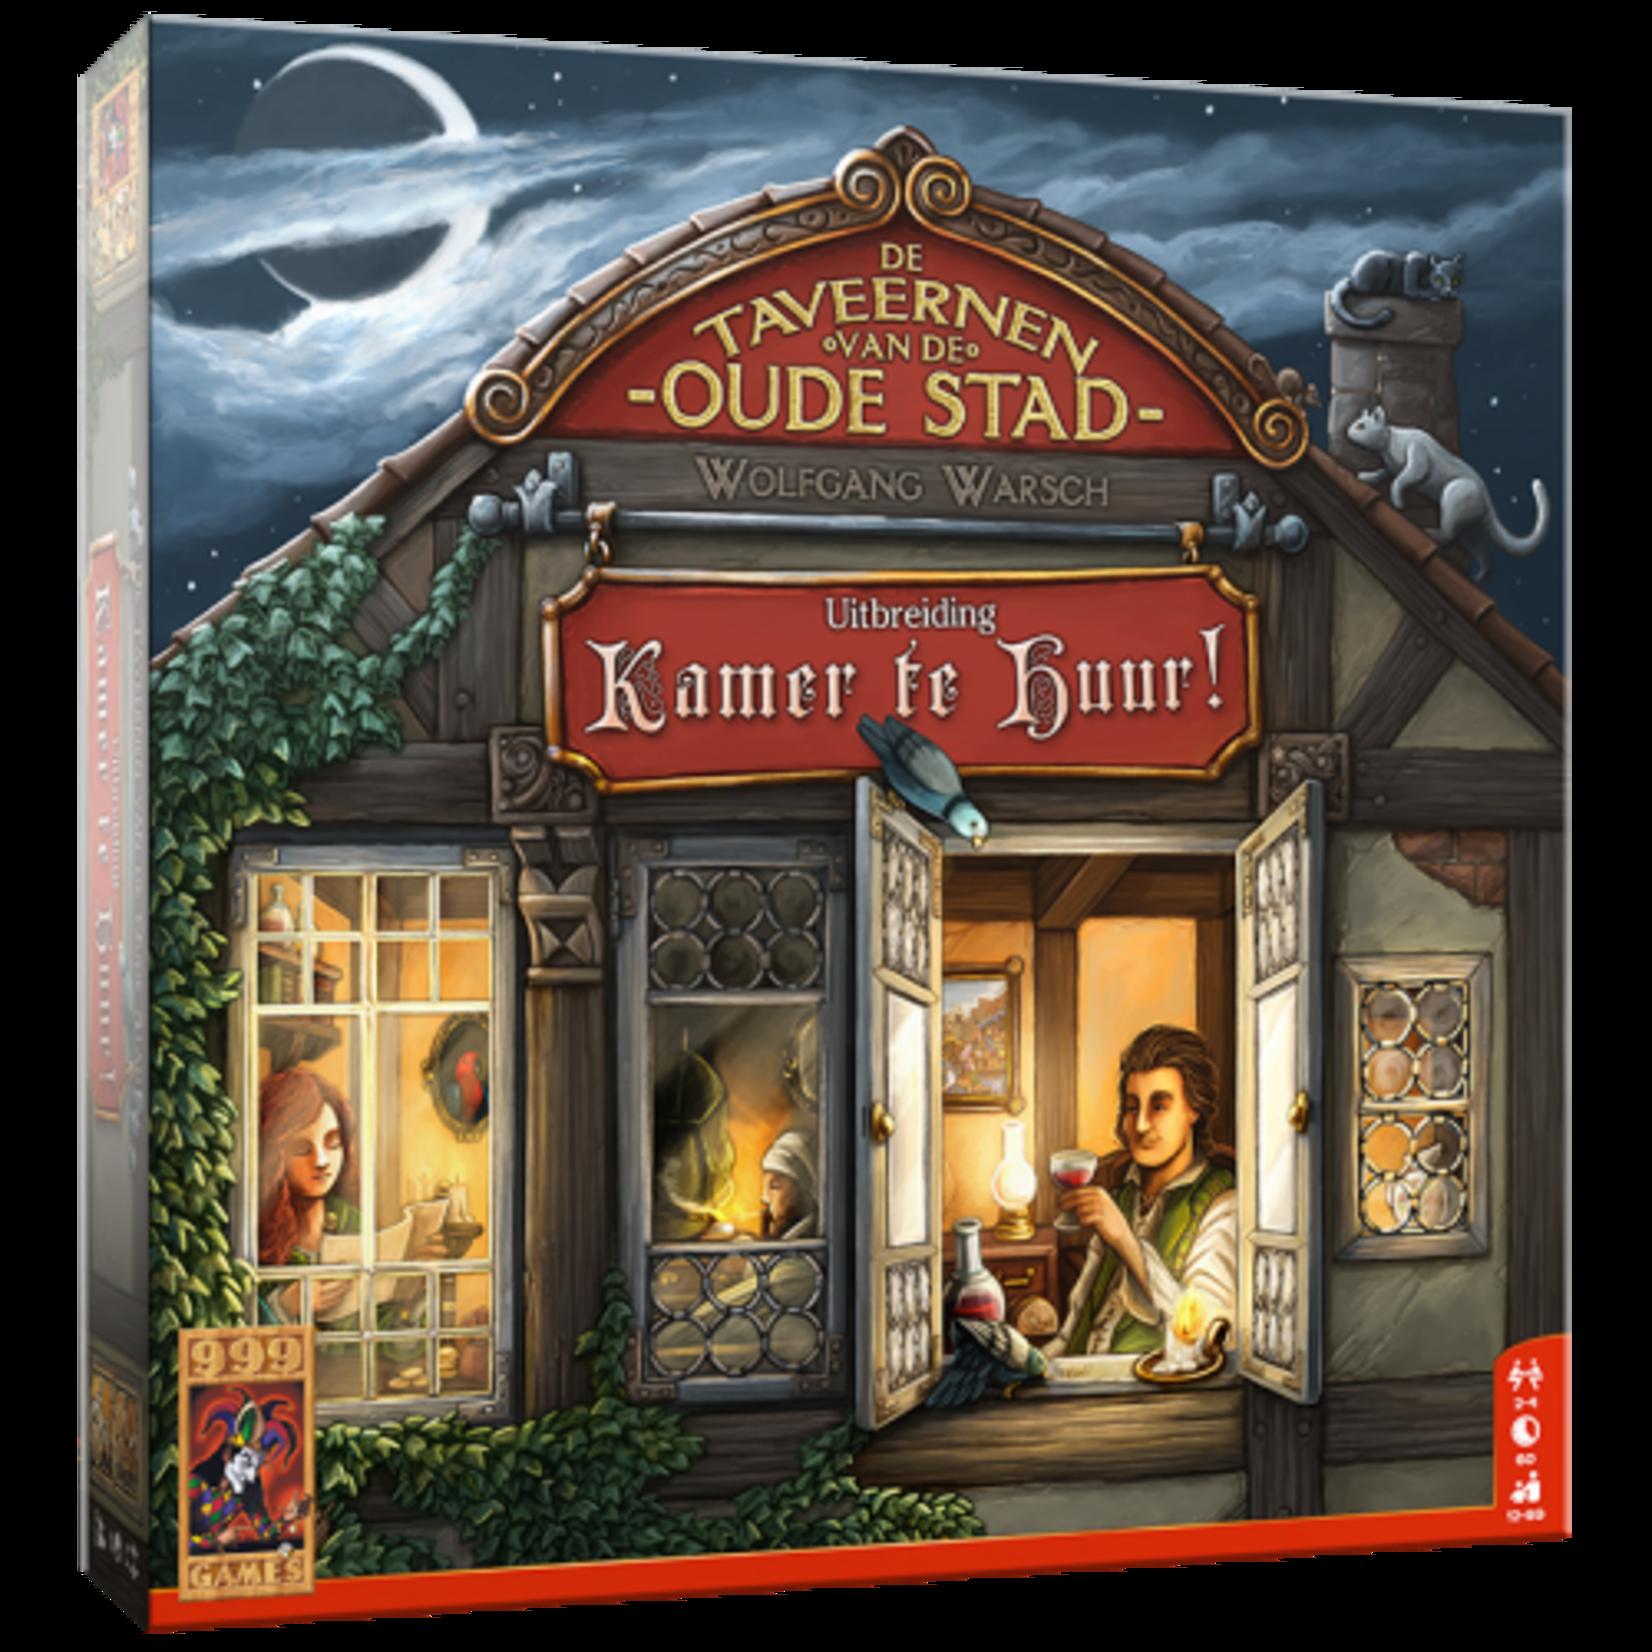 999 Games De Taveernen van de Oude Stad: Kamer te Huur!